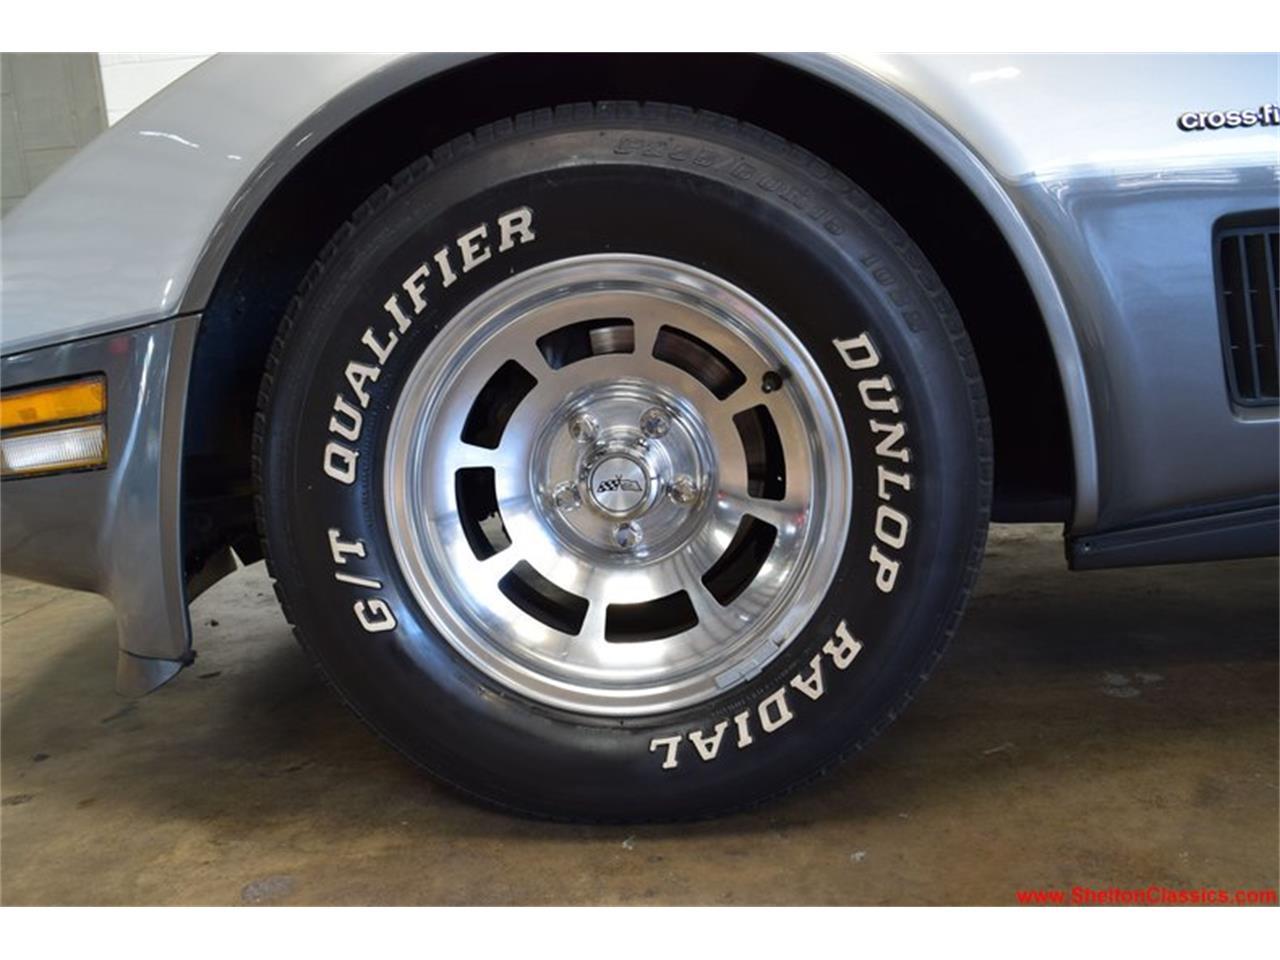 Chevrolet Corvette C3 silver 1982 prix tout compris